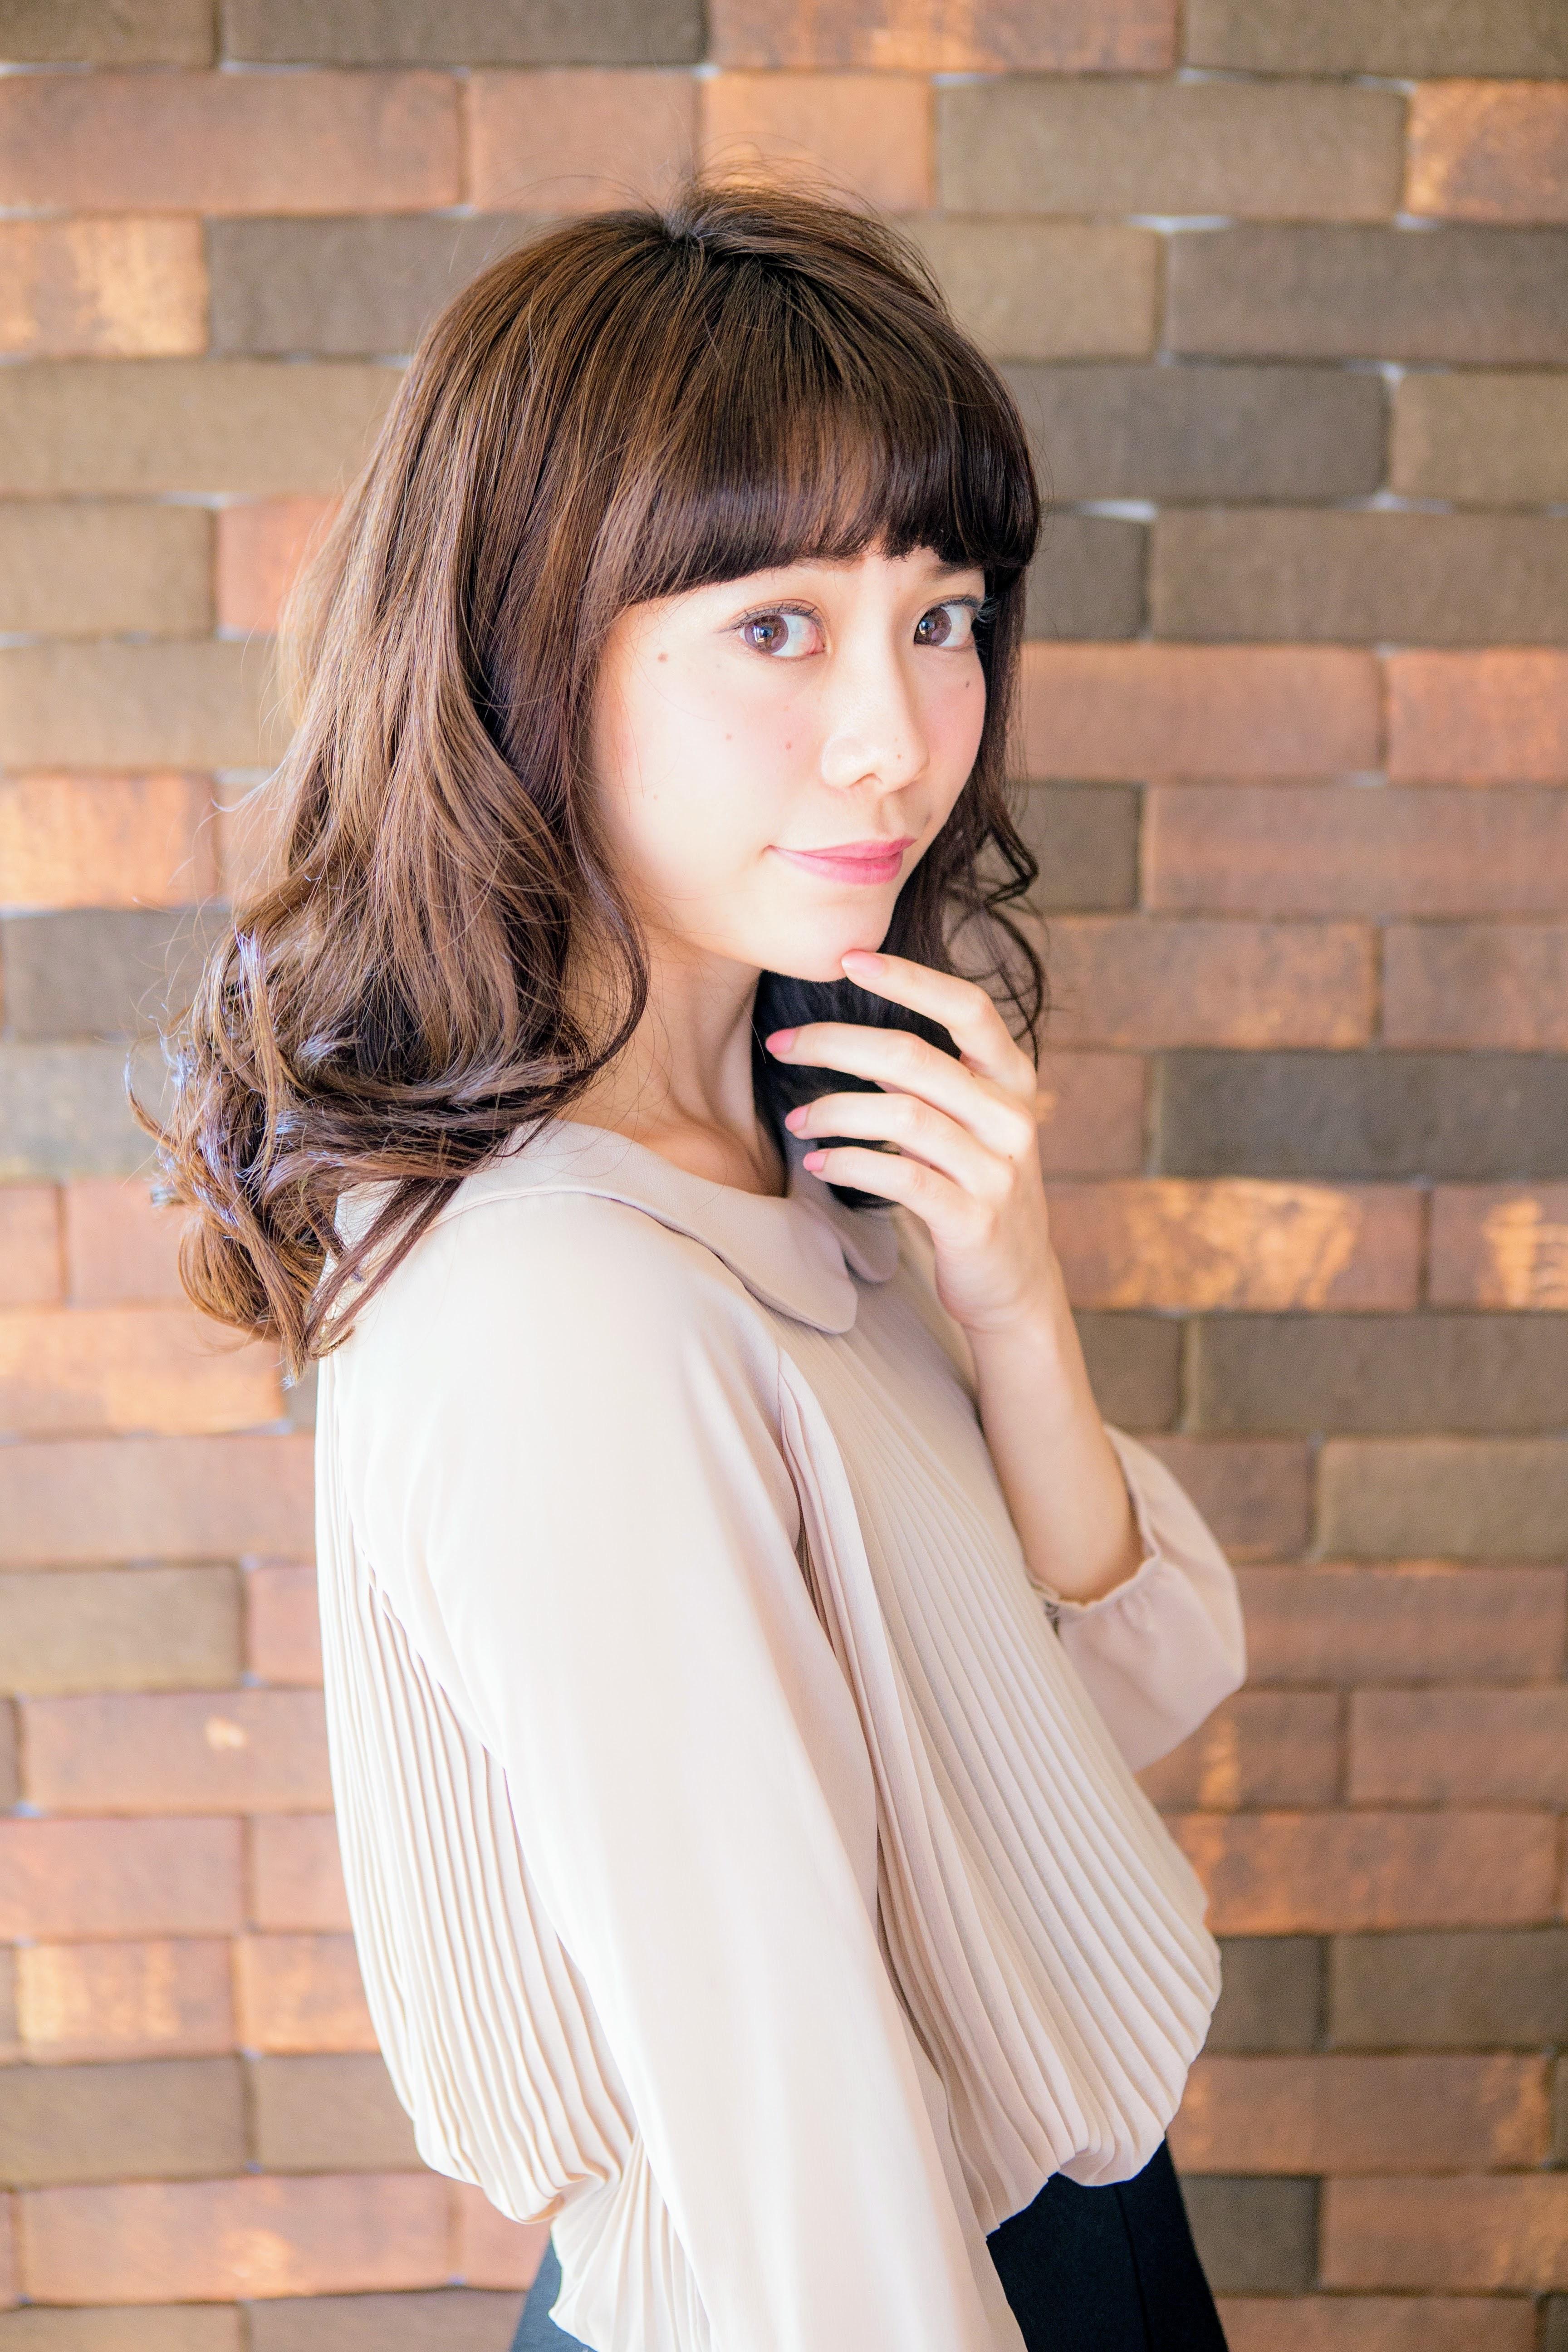 ☆人気No1カラー☆似合わせカット+N.エヌドットカラー(オッジィオットライトTr付)¥7280